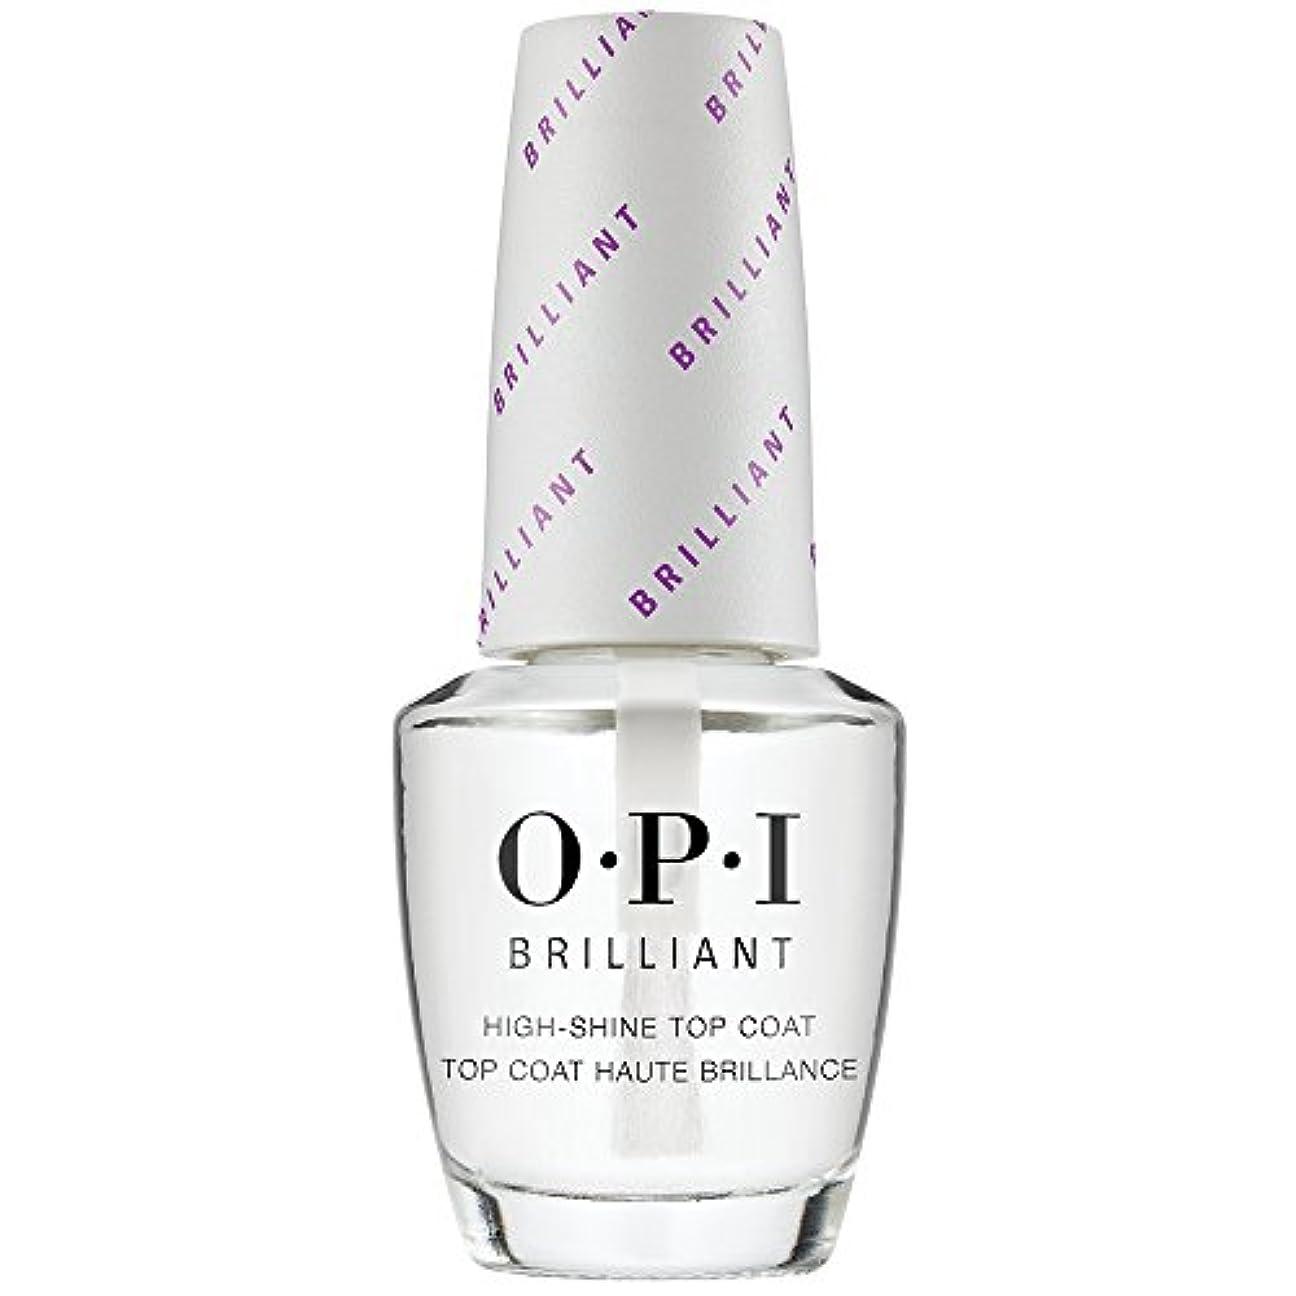 冷える贈り物誇張OPI(オーピーアイ) オーピーアイ ブリリアント トップコート